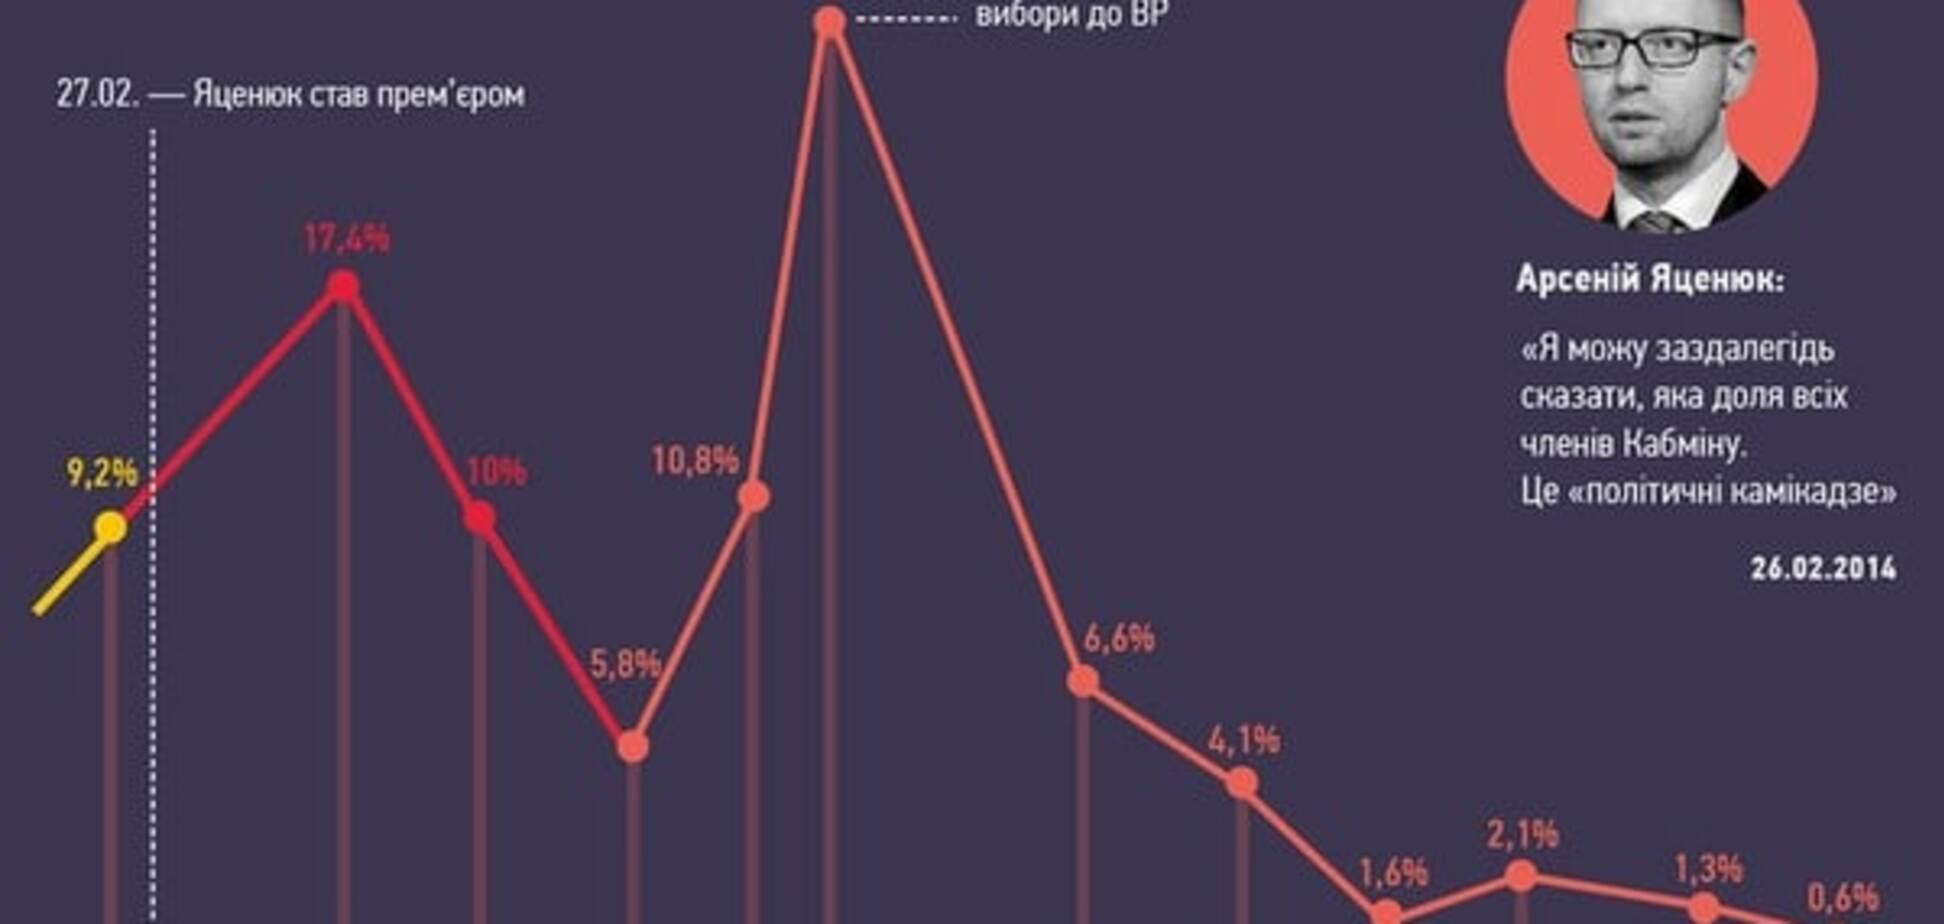 Дно 'камікадзе' і навіть нижчі: рейтинг Яценюка продовжує вмирати